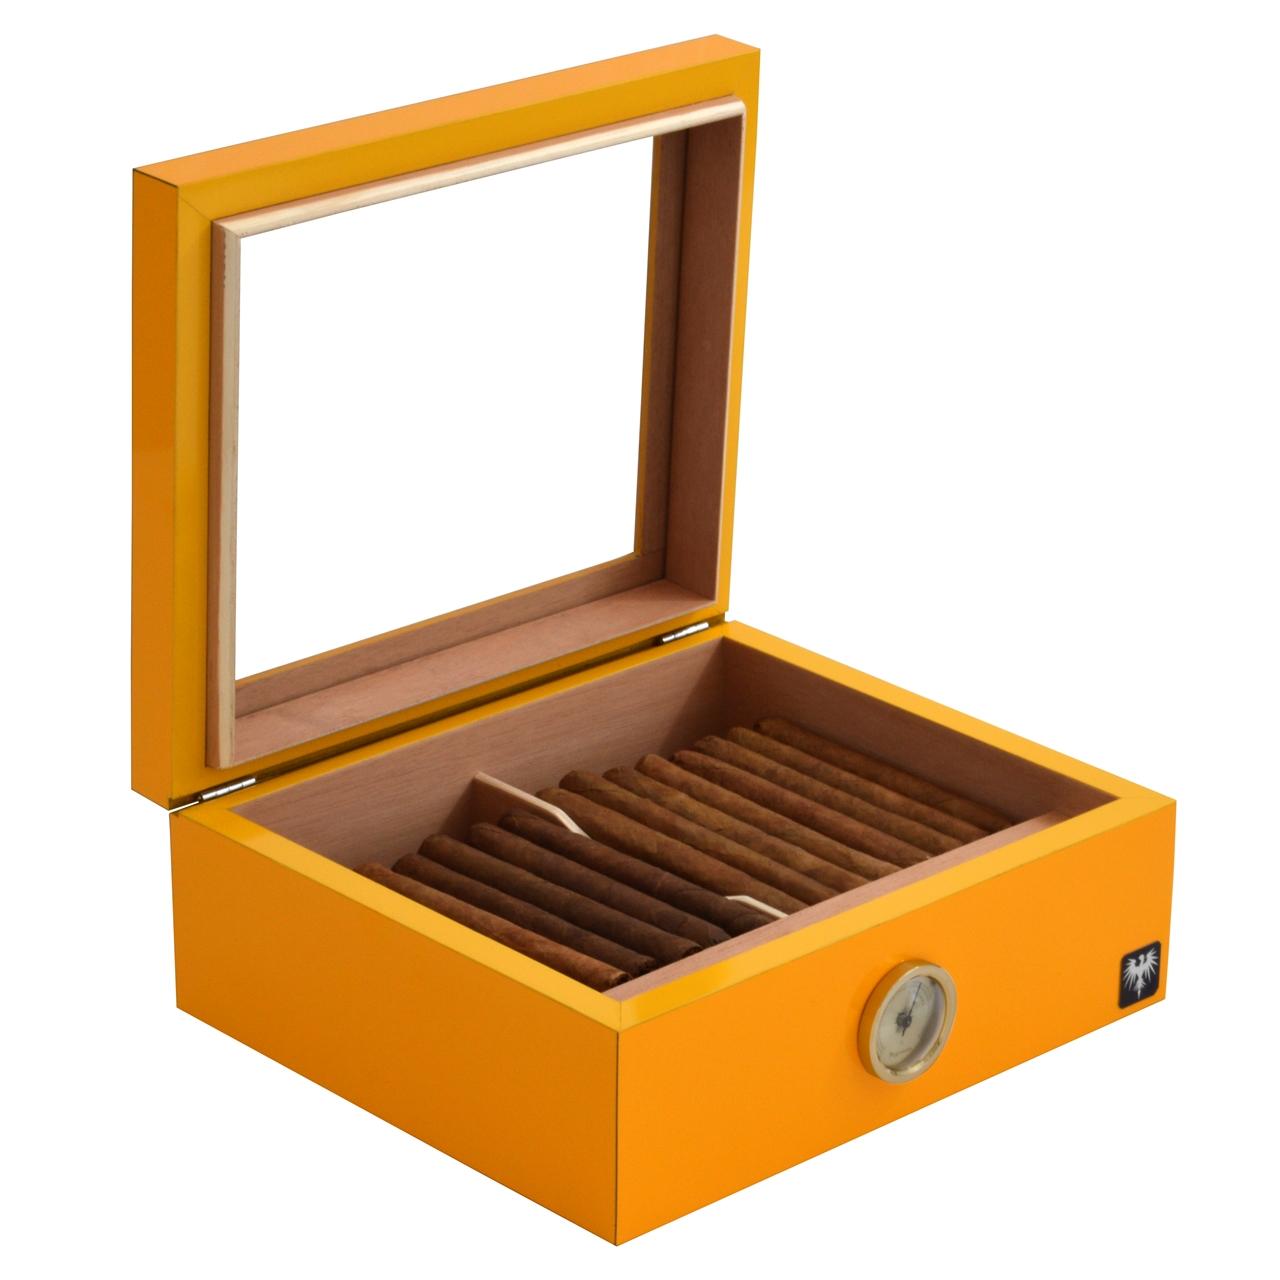 estojo-umidor-40-50-charutos-madeira-cedro-amarelo-imagem-1.jpg